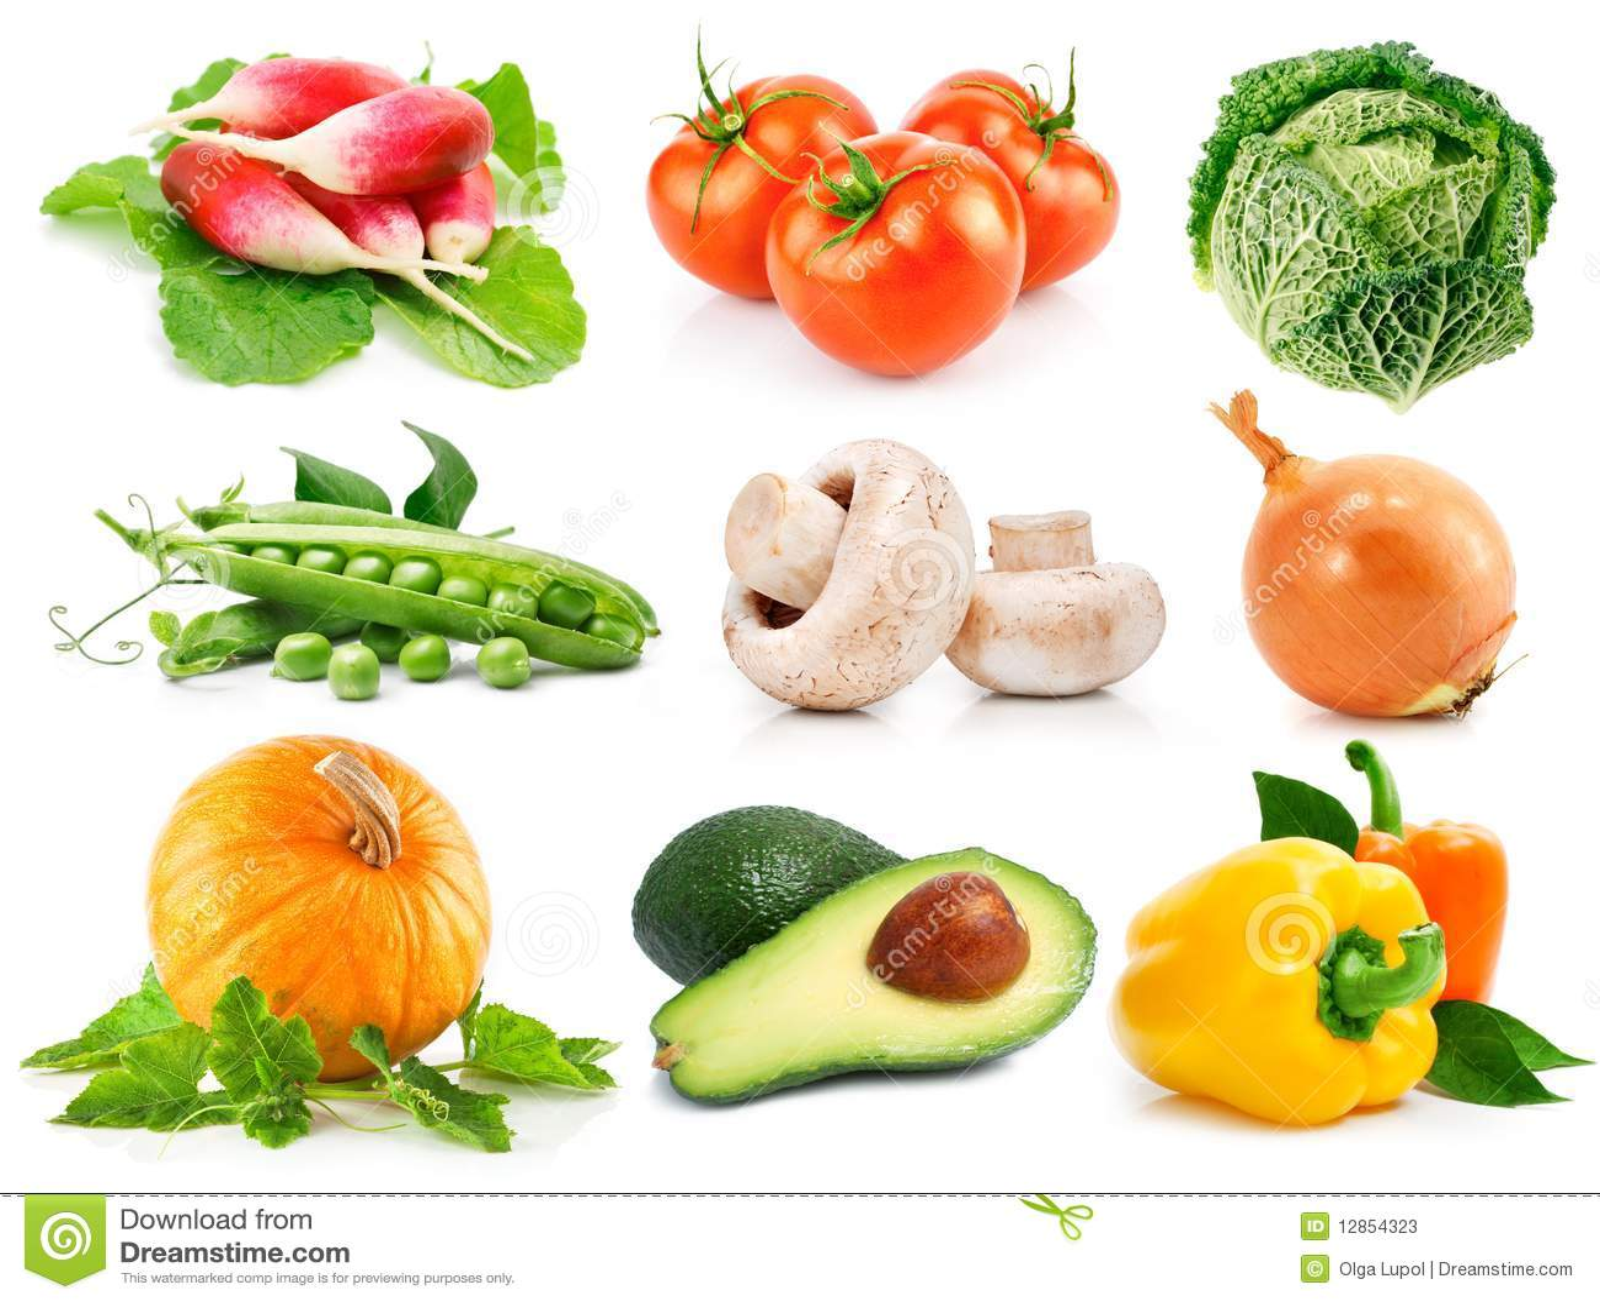 Image Gallery imagenes de verduras